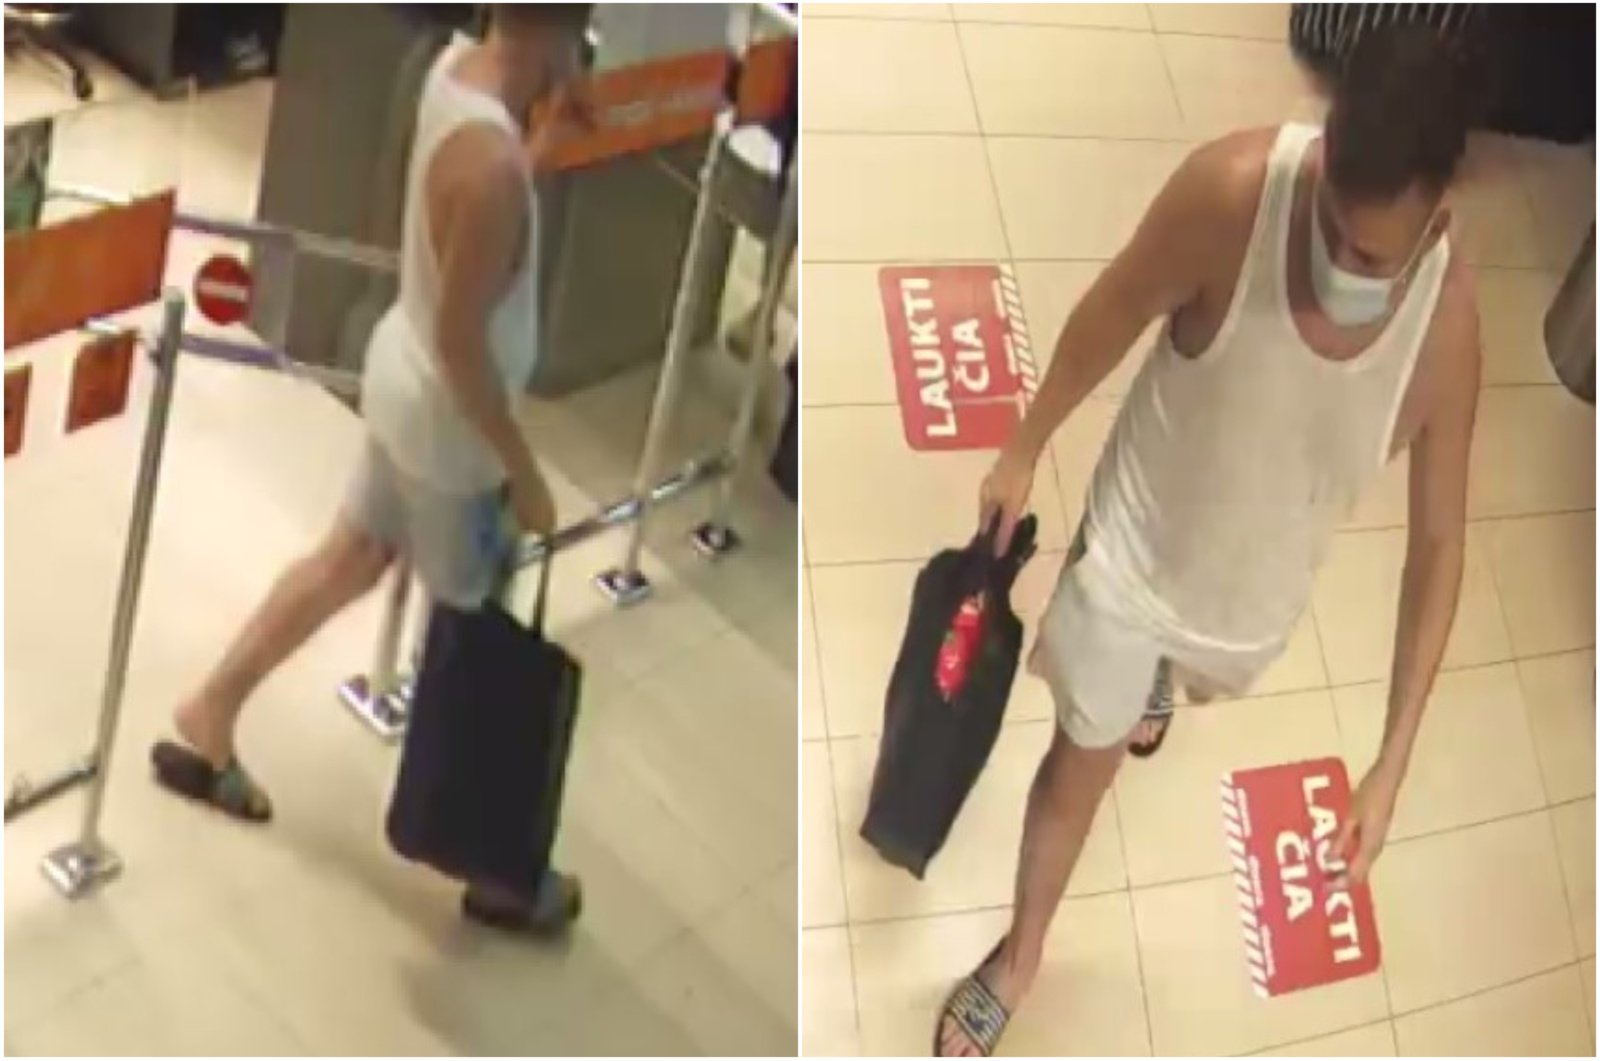 Alytaus policija prašo atpažinti vaizdo kameromis užfiksuotą vyrą